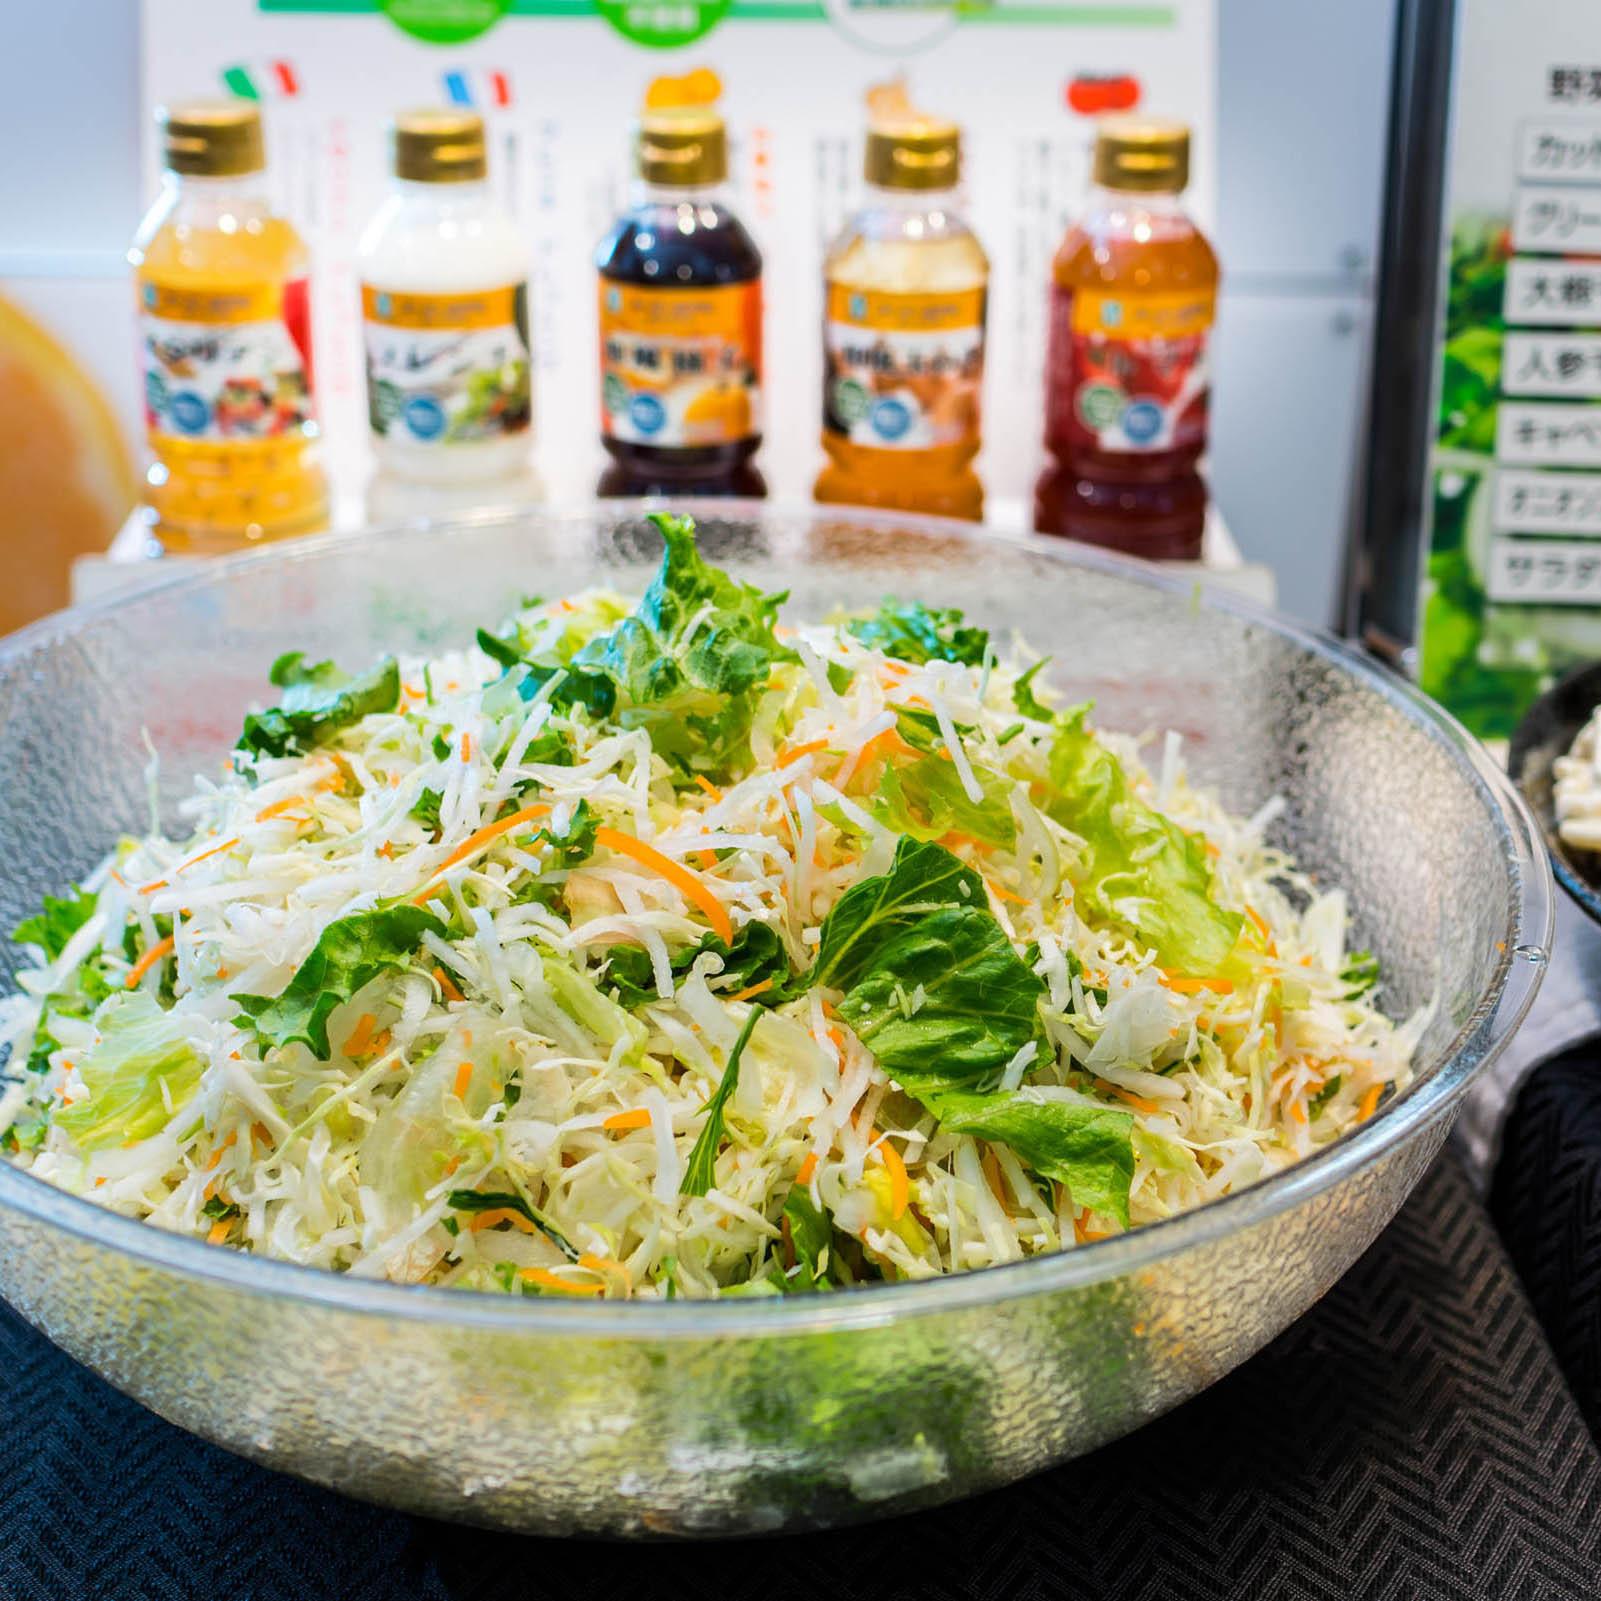 有機JASサラダ〜日本のサラダの1%未満・安心・素材の旨味・育てる土から健康